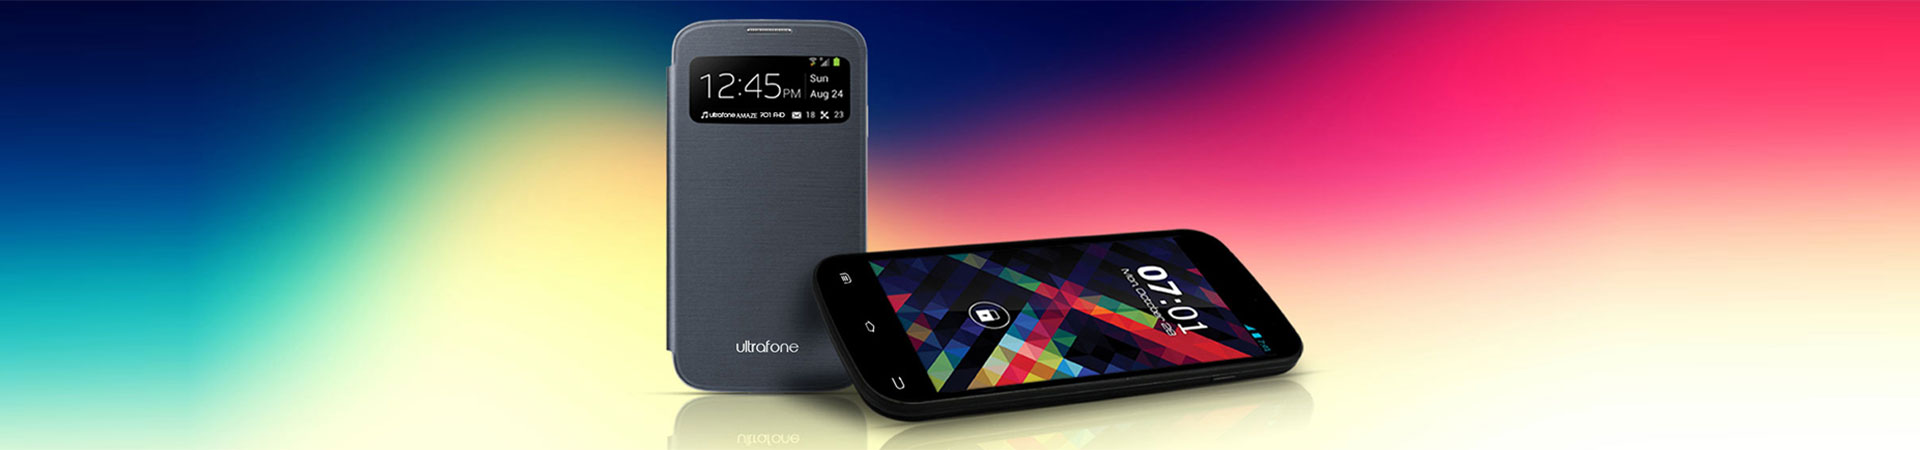 Zen Mobile extends smartphones range with the Ultrafone series